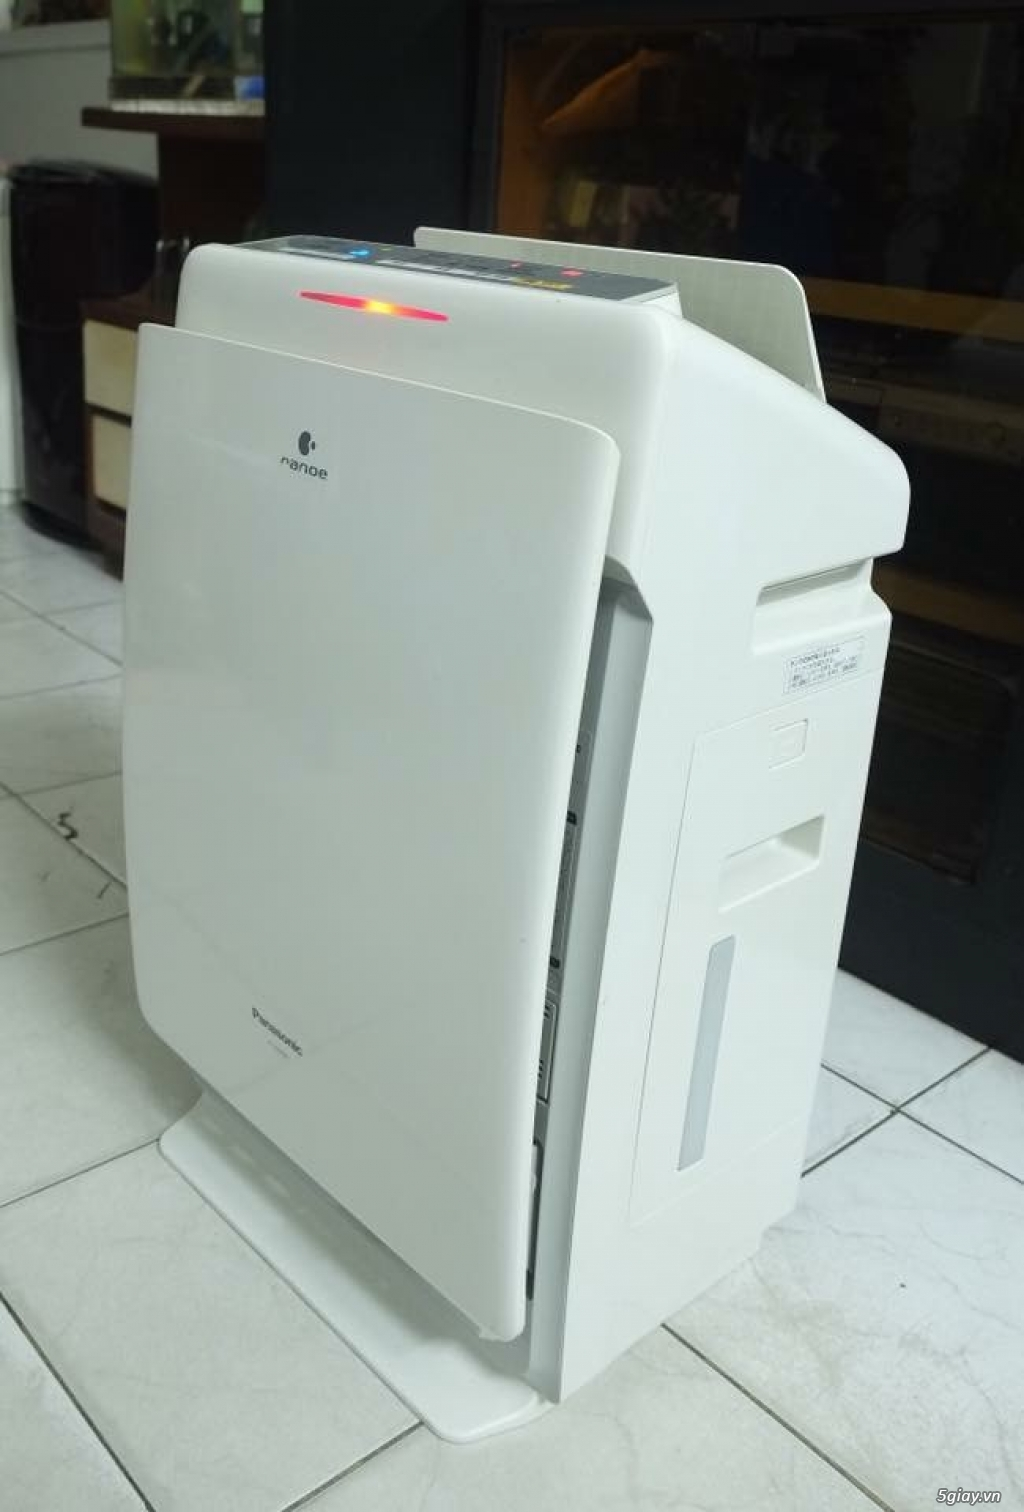 Máy lọc không khí - Nồi cơm IH - Quạt cổ - Tủ lạnh nội địa Nhật - 1